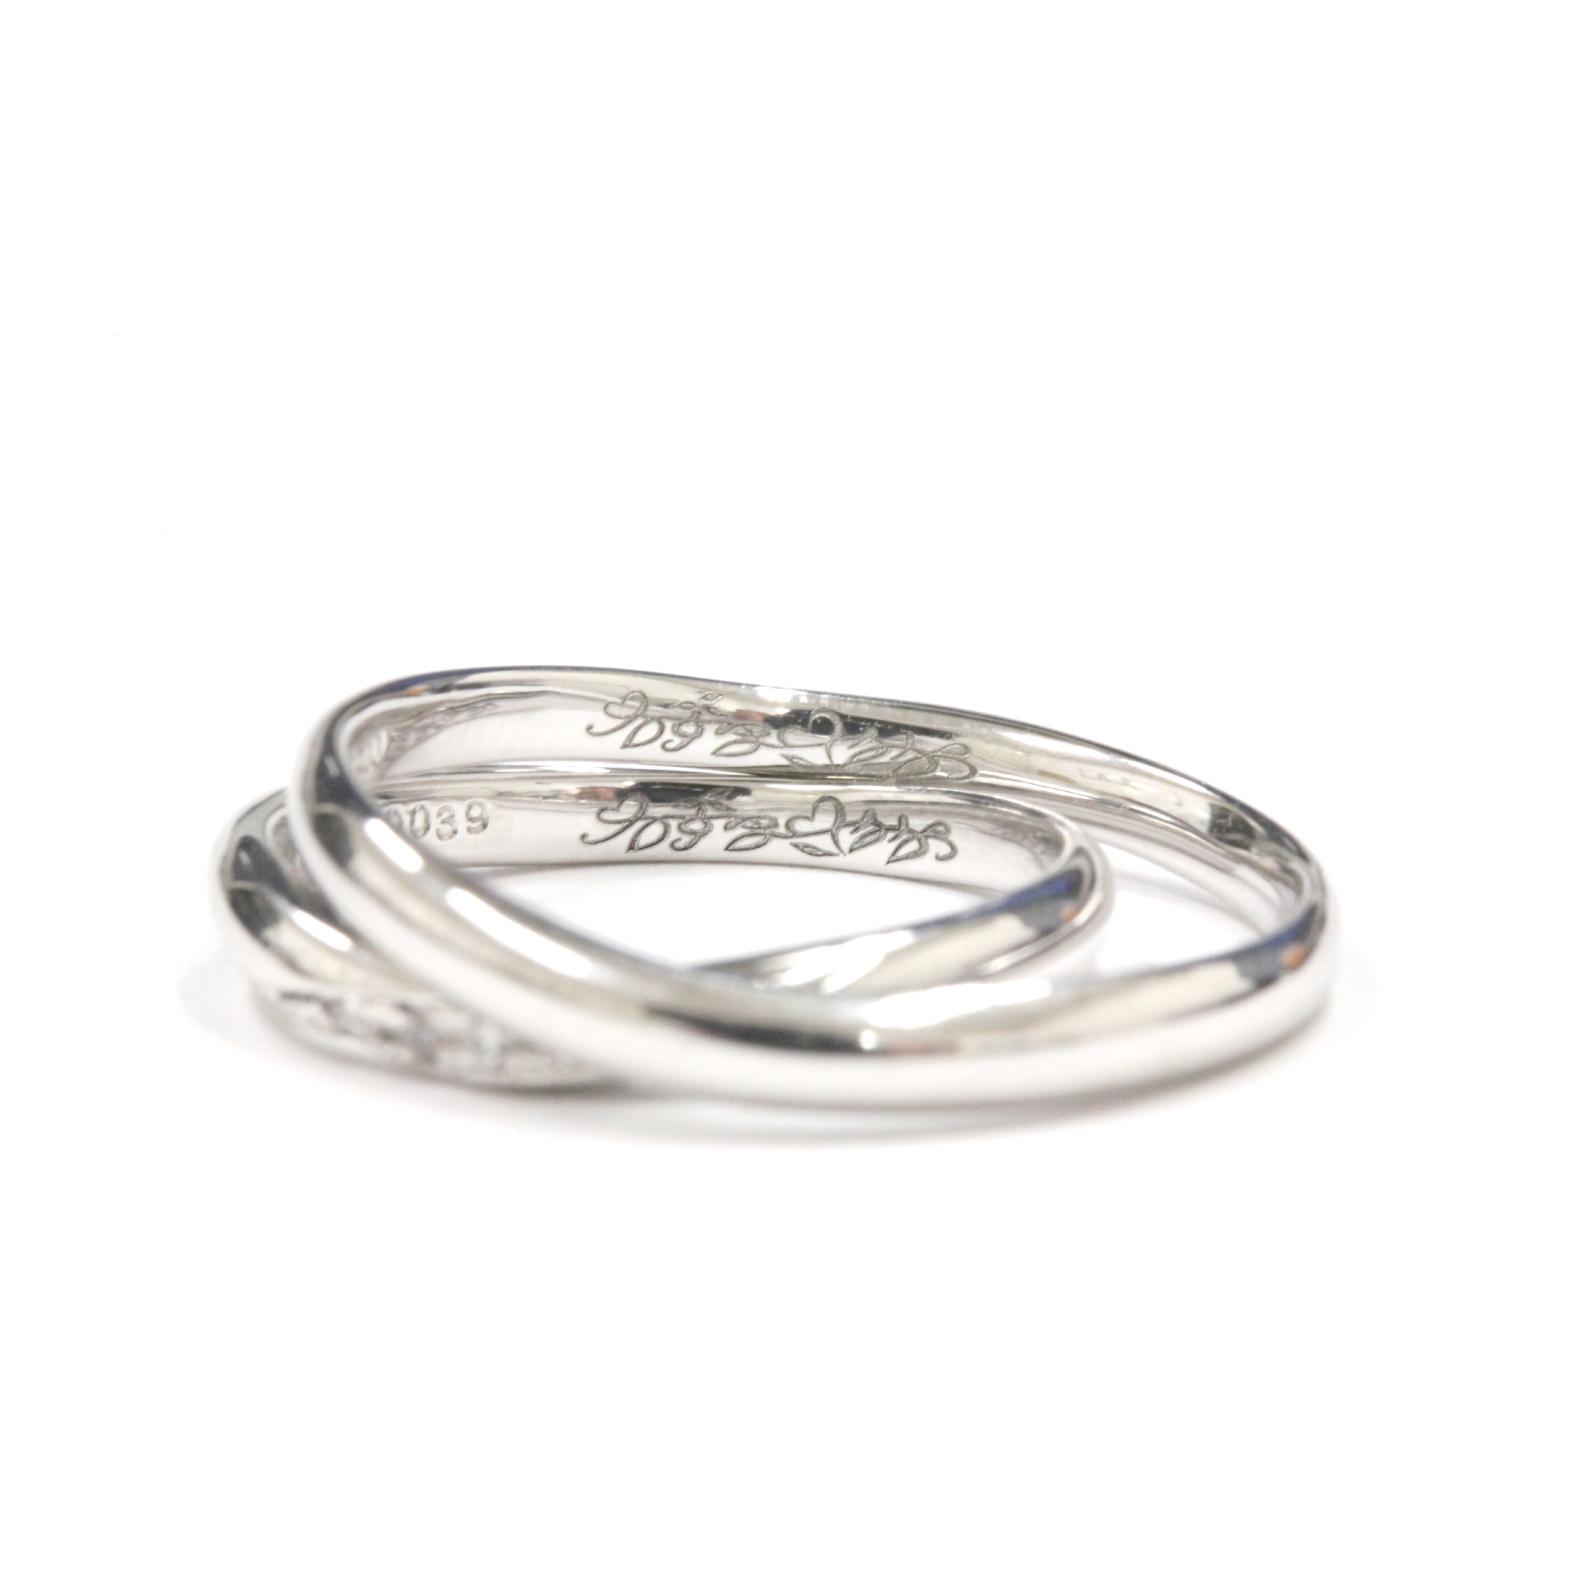 """>結婚指輪の内側には・・・世界にたったひとつの特別な""""刻印""""が浮かび上がります♡末永くお幸せに"""